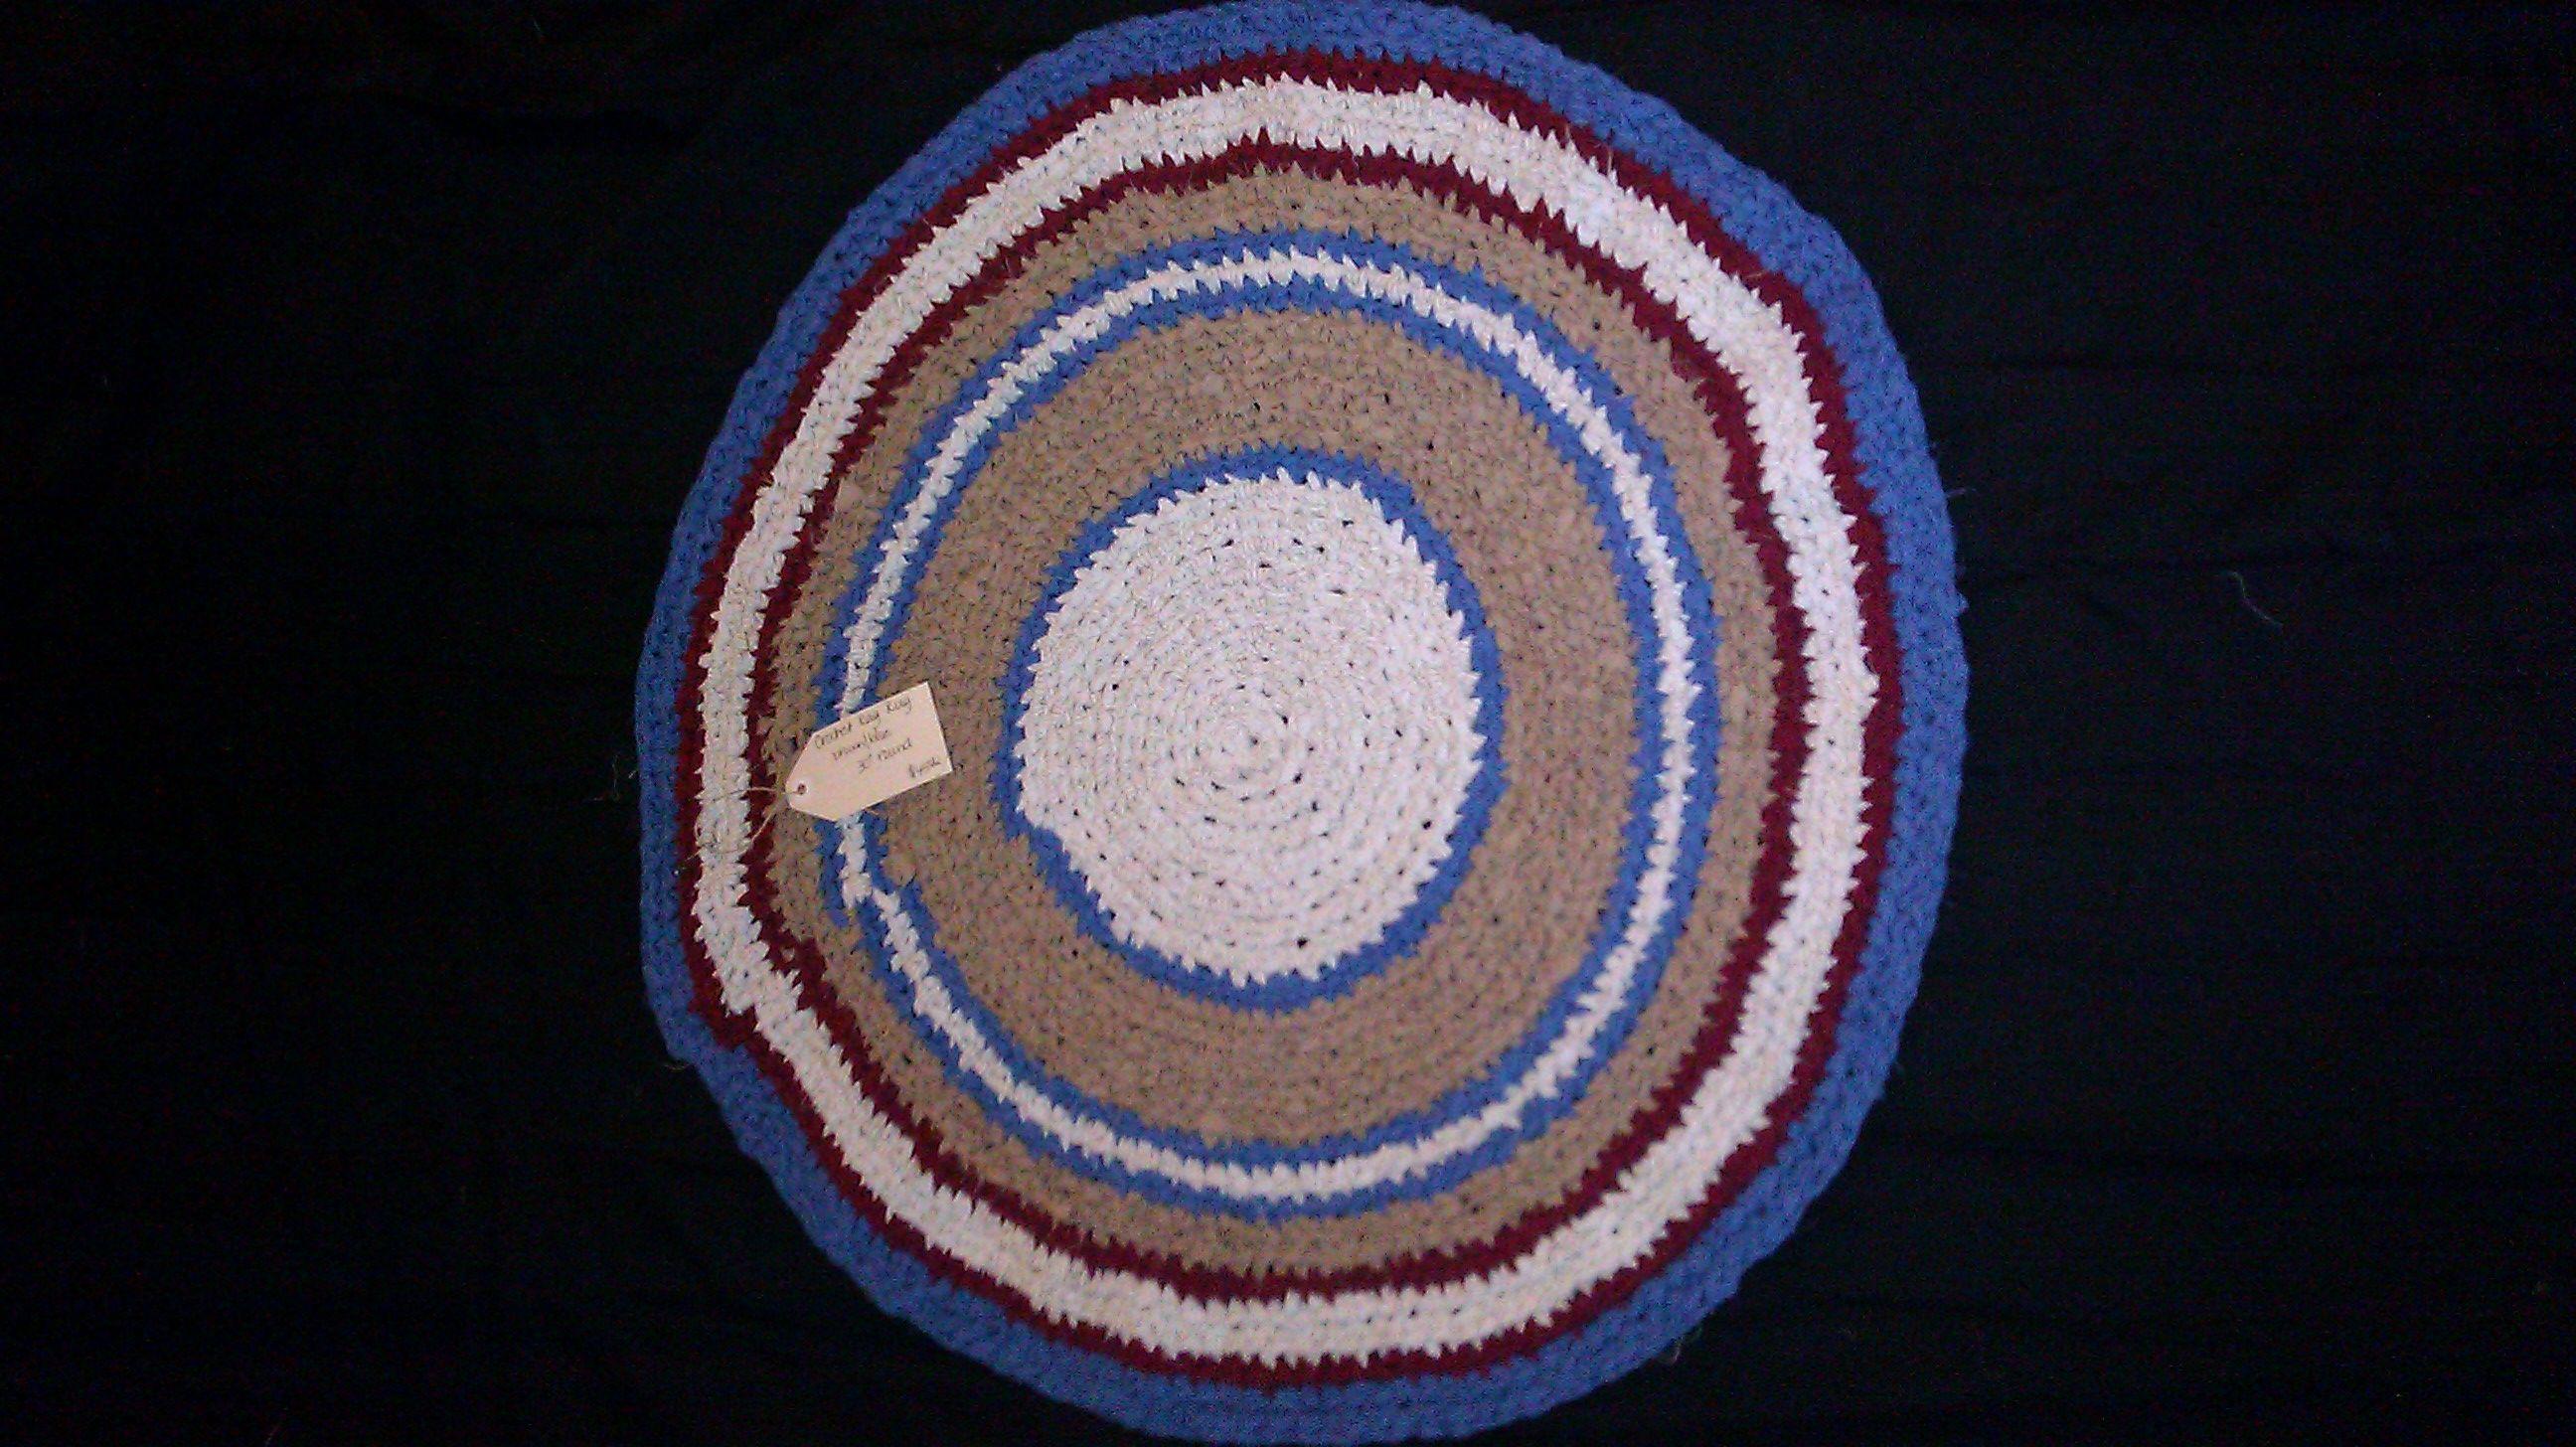 brown/blue/maroon crochet rug